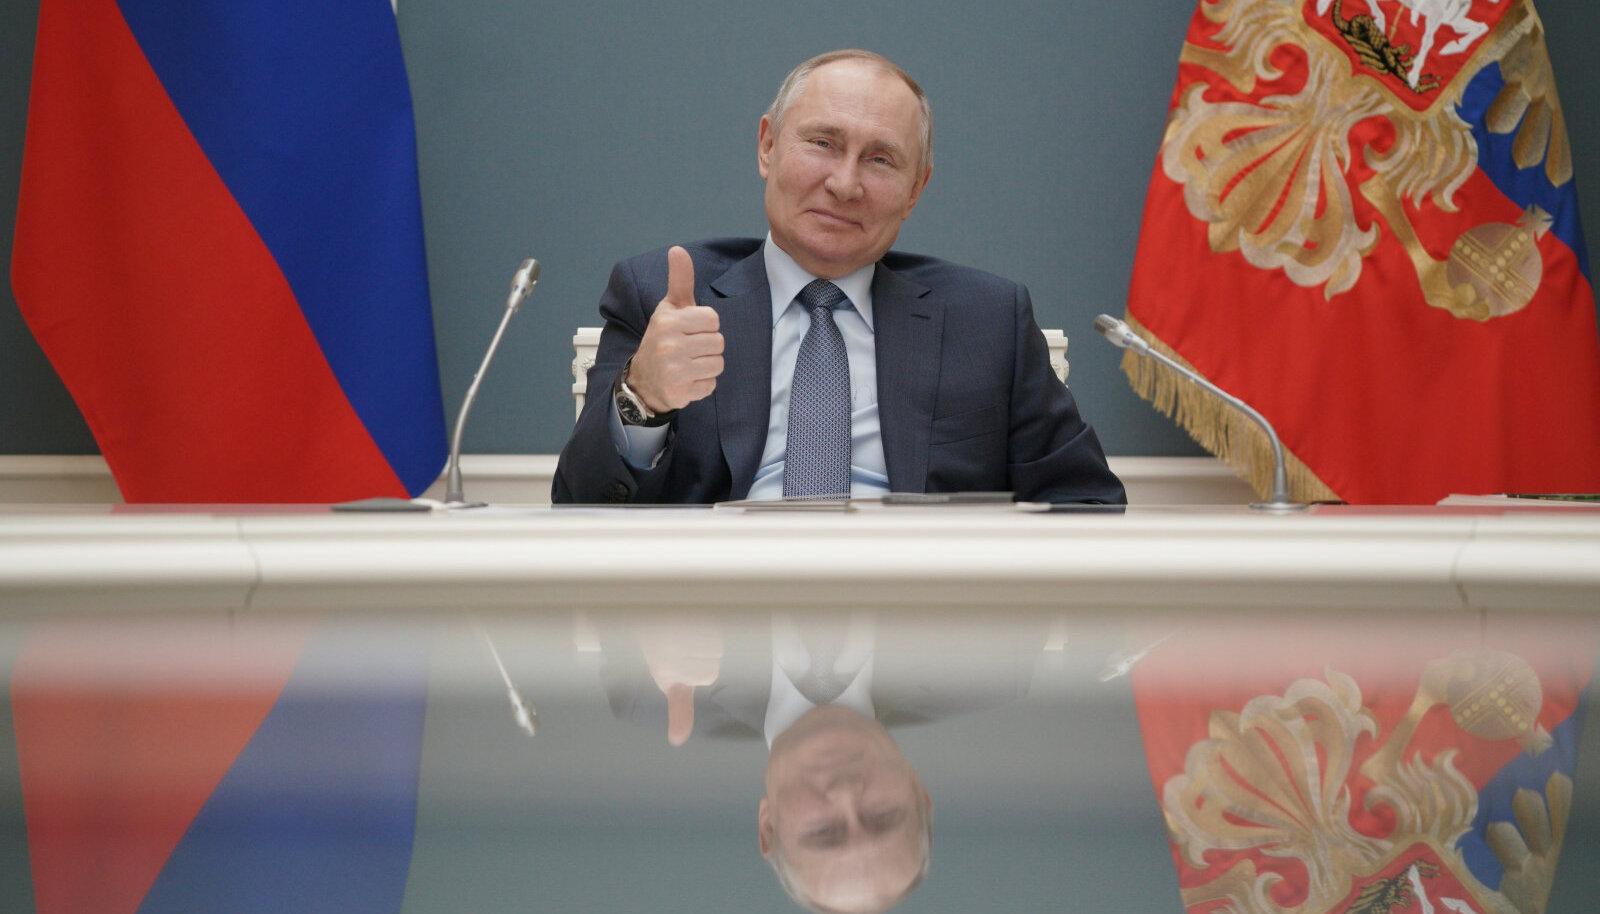 Putinil avaneb võimalus teha üks null ka Jossif Stalini märgilisele valitsemisajale.